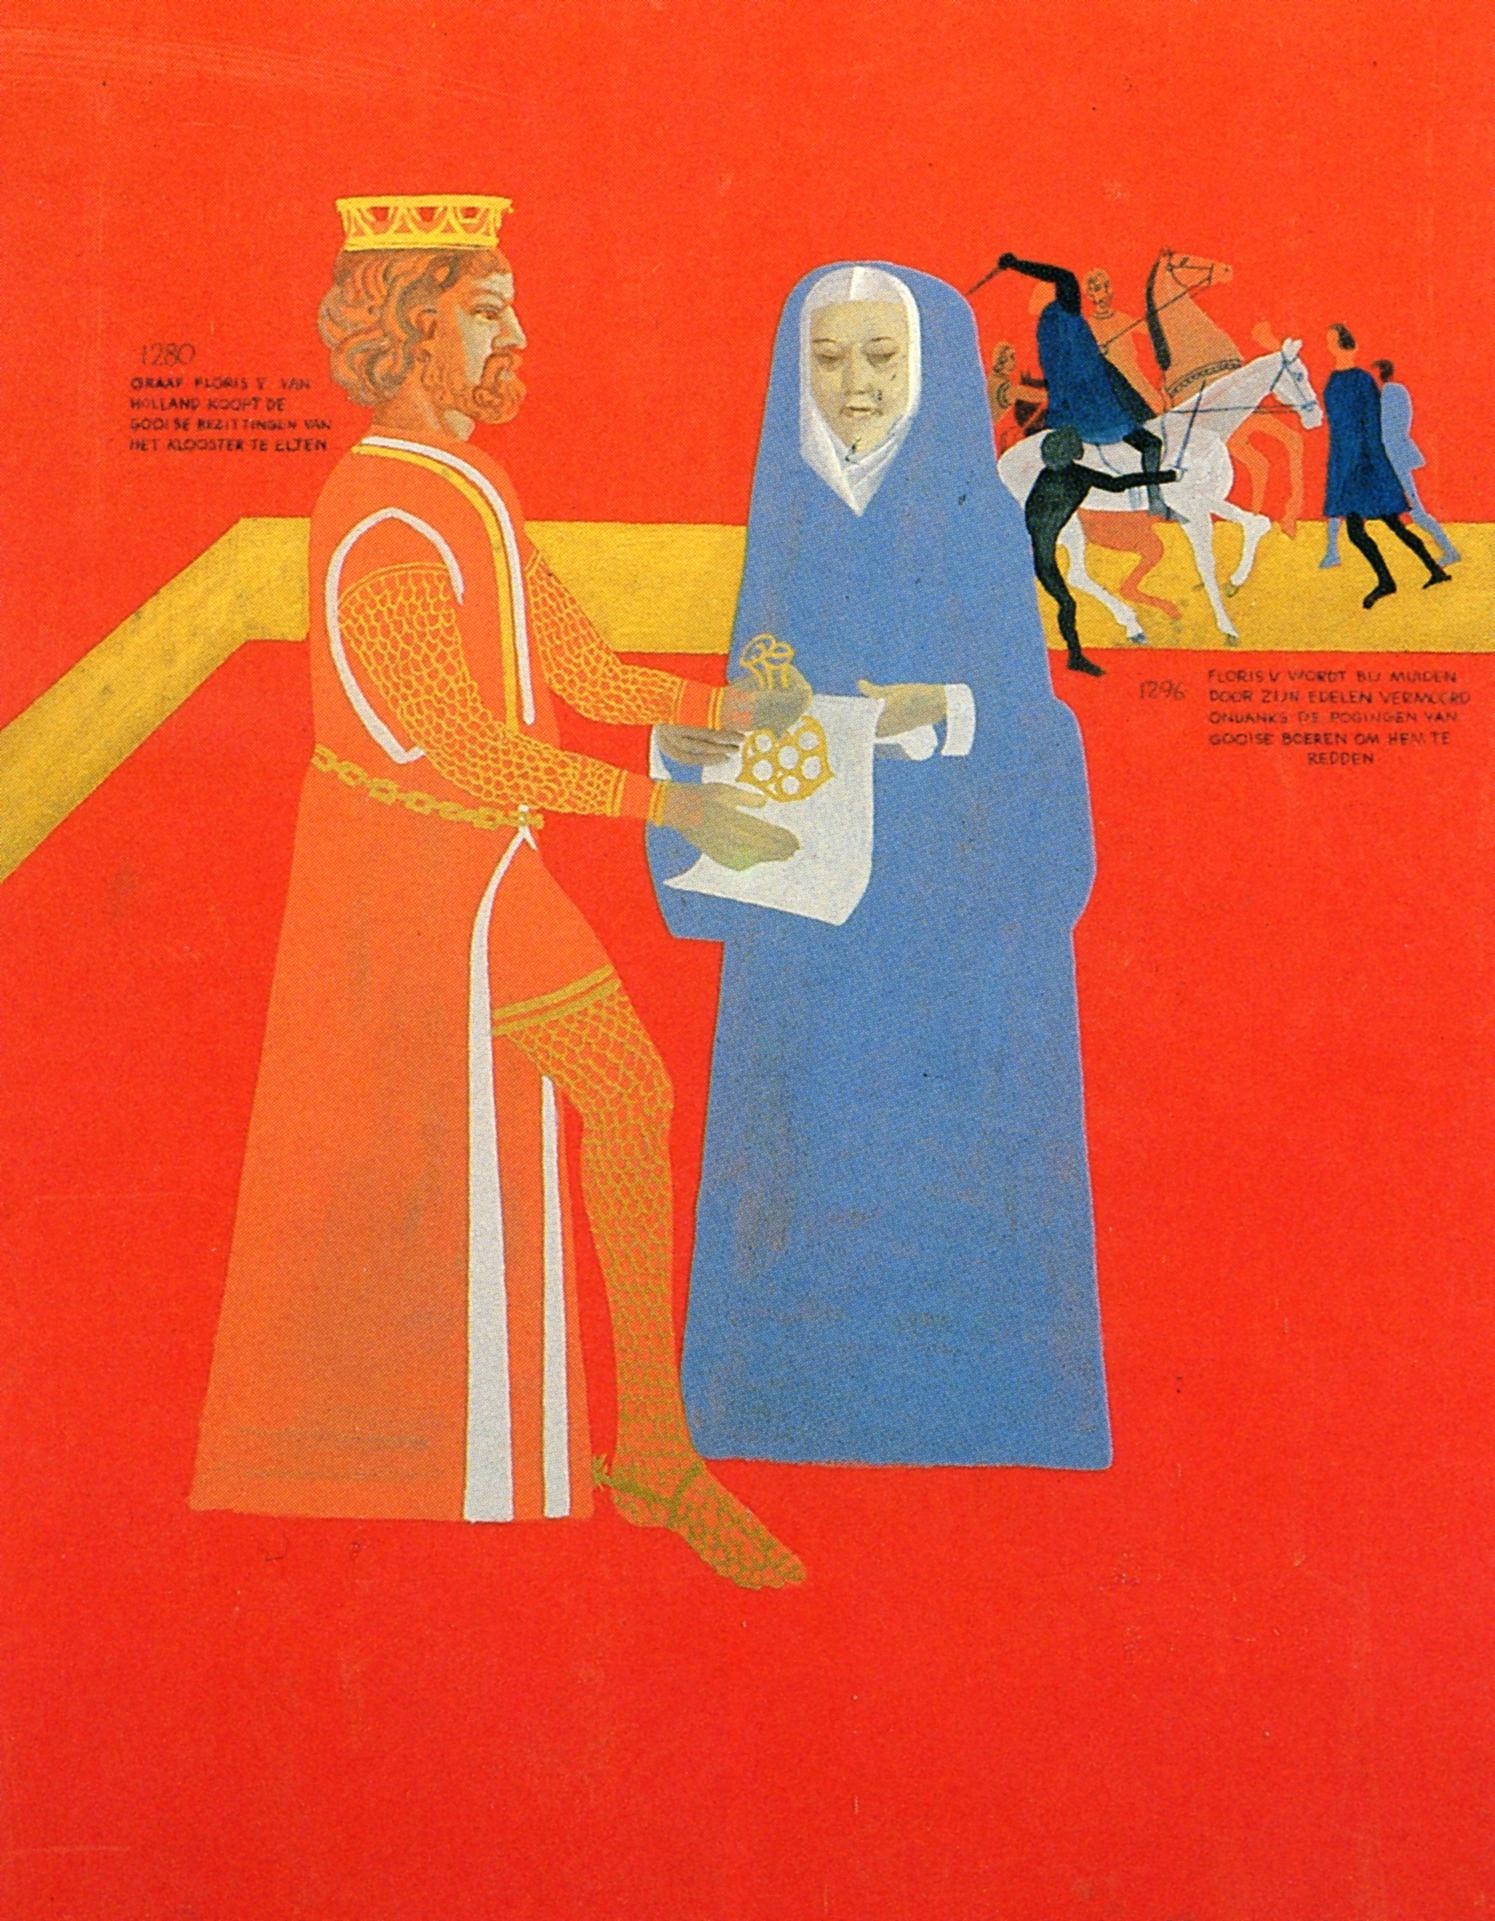 Paneel 3 (1280): Graaf Floris V van Holland koopt de Gooise bezittingen van het klooster te Elten.